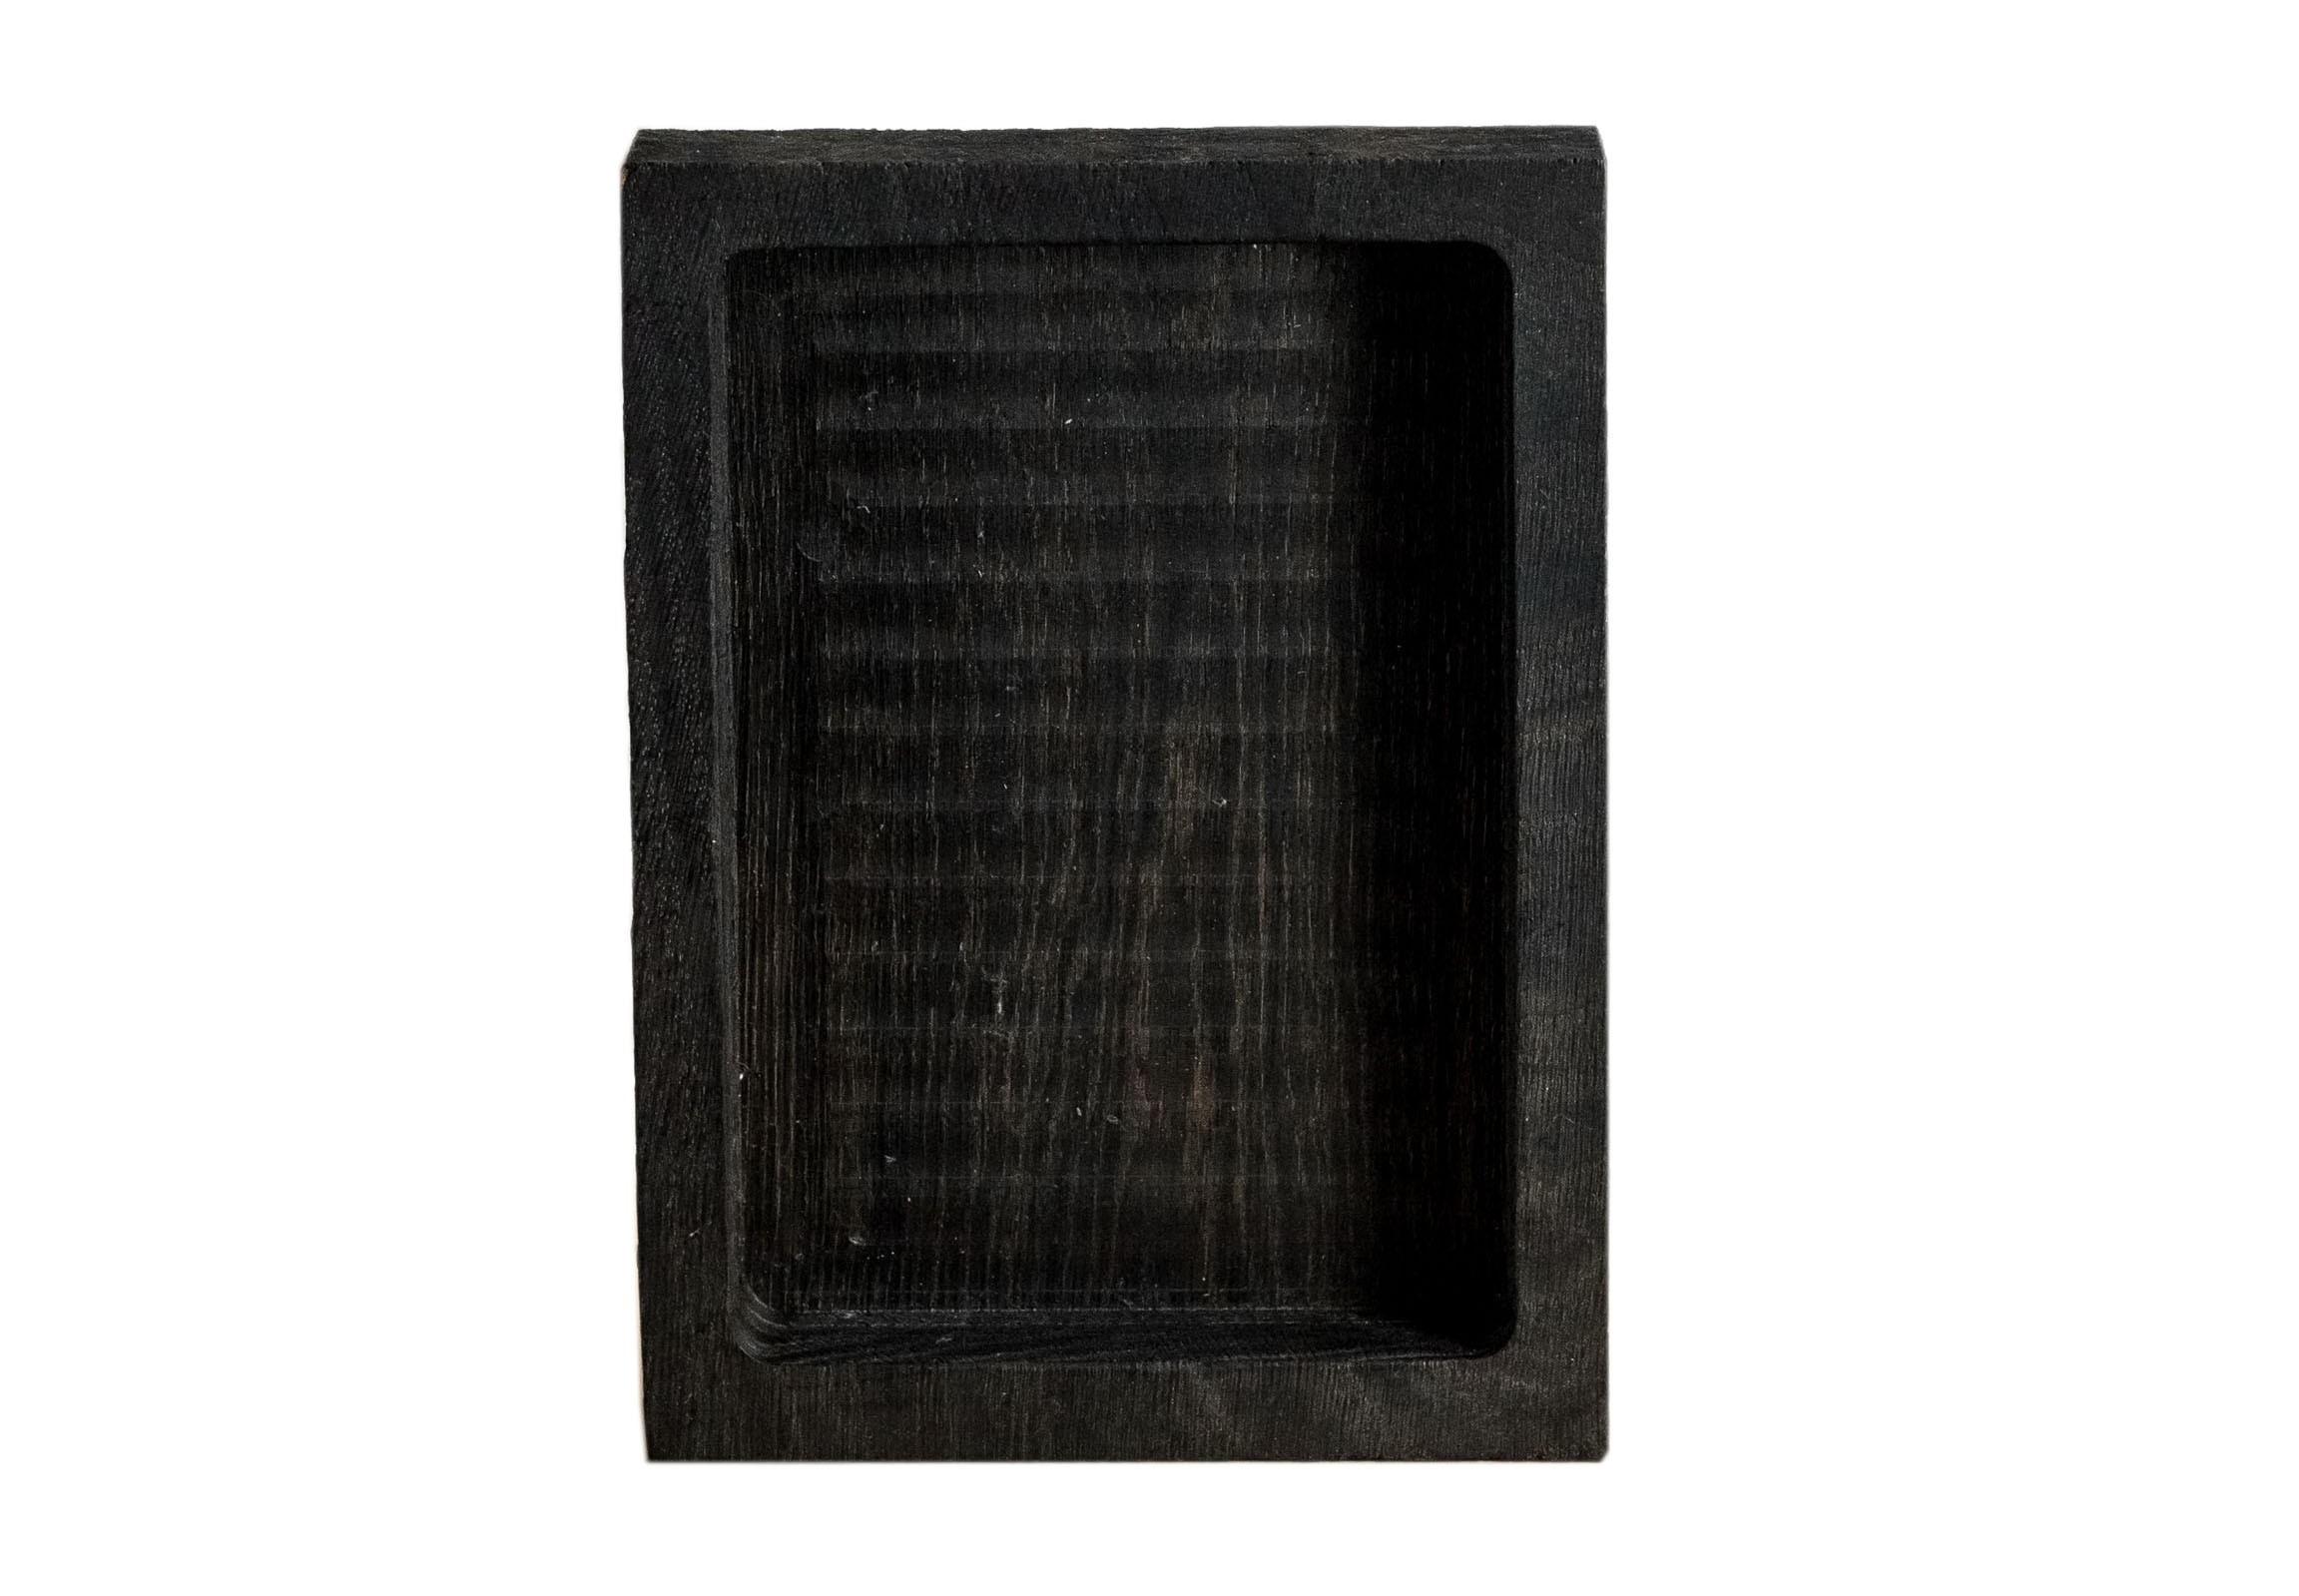 Декоративный ящик СнегПодставки и доски<br>Сделан вручную. Покрытие: льняное масло. У ящика есть две поверхности: декоративная с нанесенной на нее фактурой и гладкая. Из-за специфики ручного труда все предметы отличаются друг от друга. После влажной обработки его нужно протирать полотенцем. При необходимости можно обновлять покрытие, протерев поверхность тряпочкой, смоченной льняным маслом. Ящик не предназначен для длительного хранения жидкостей. Для флористики поместите внутрь флористическую губку. Можно использовать как кашпо.<br><br>Material: Дуб<br>Length см: 27<br>Width см: 20<br>Height см: 5